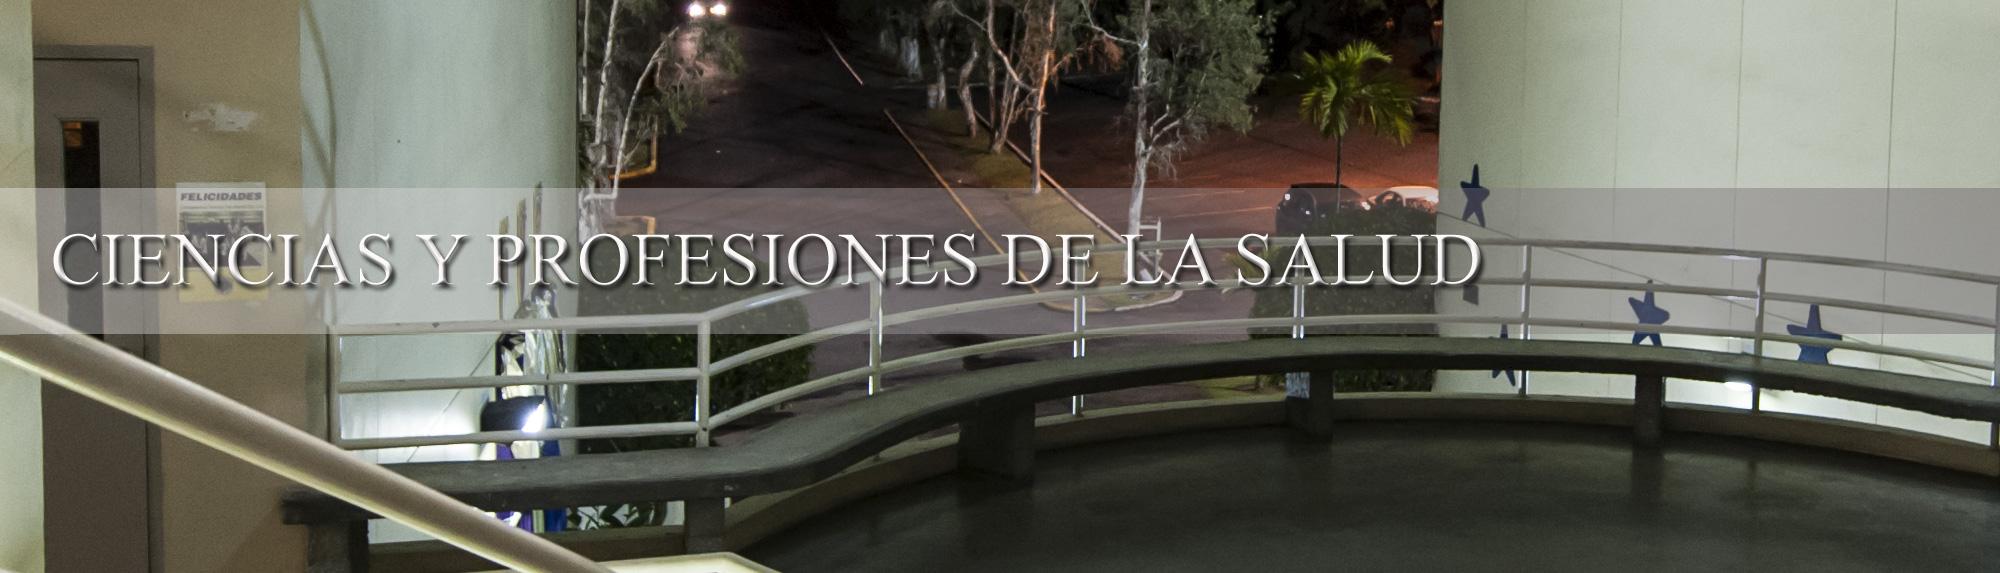 Colegios_Ciencias2_Page